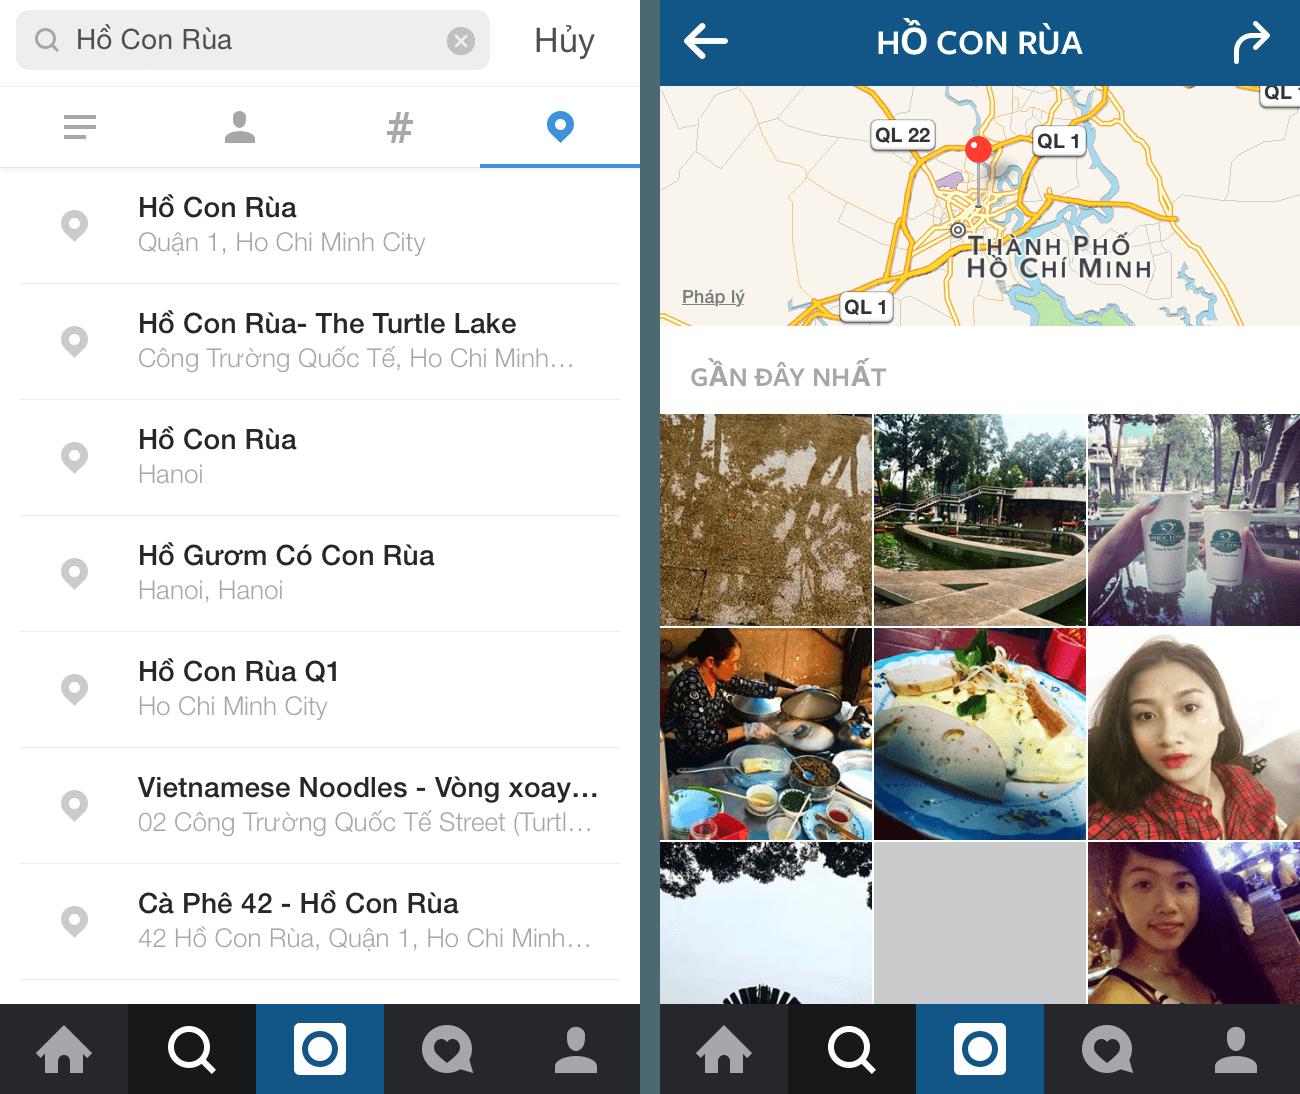 Dùng địa điểm để tiếp cận khách hàng trên instagram